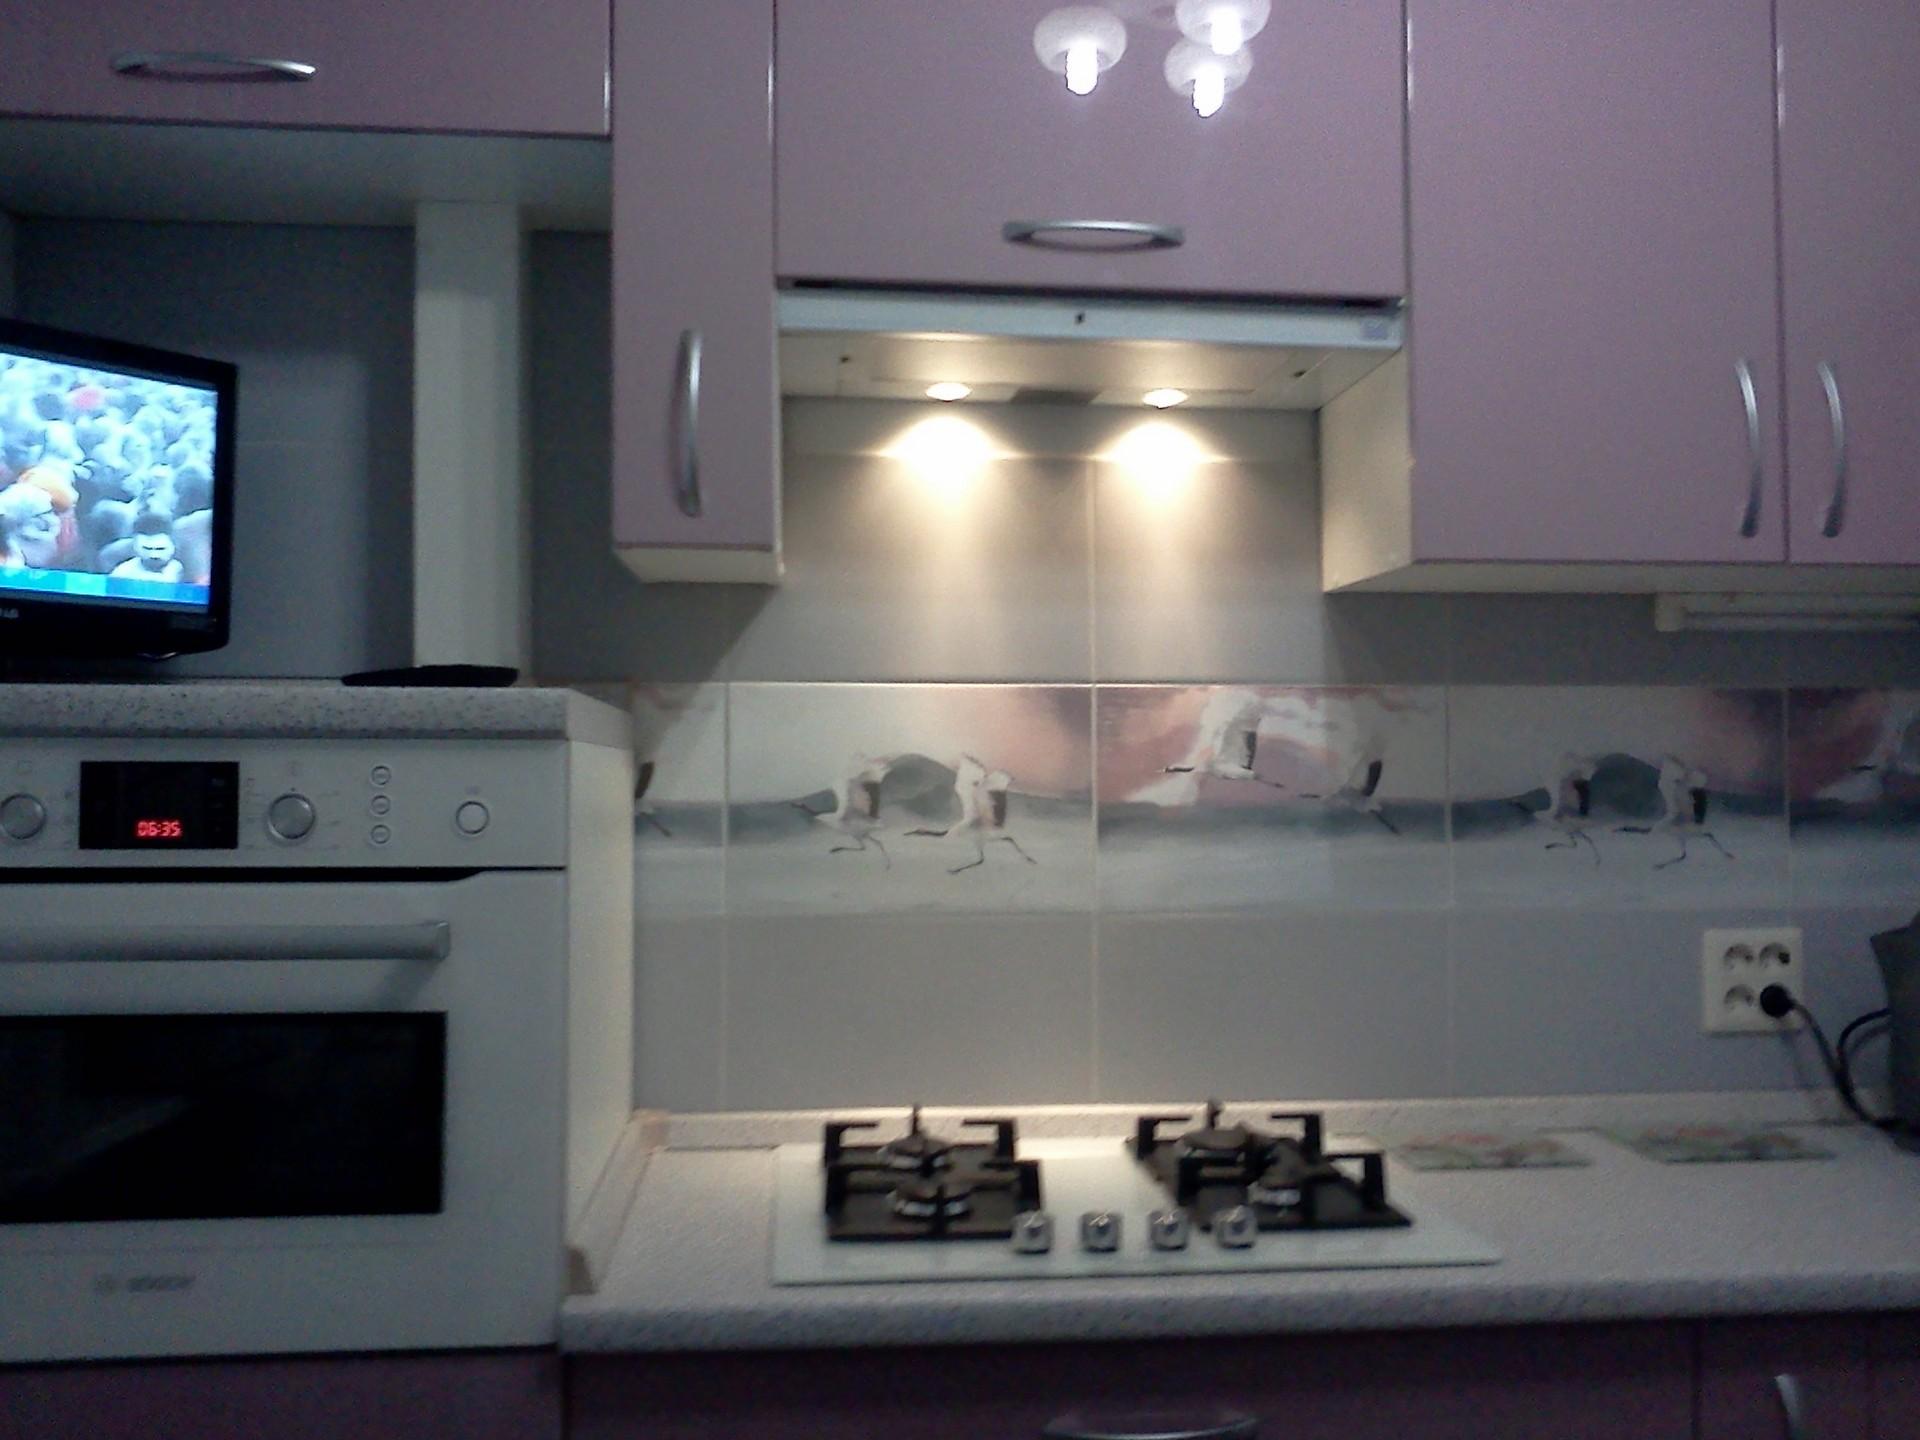 Белые духовые шкафы в интерьере фото